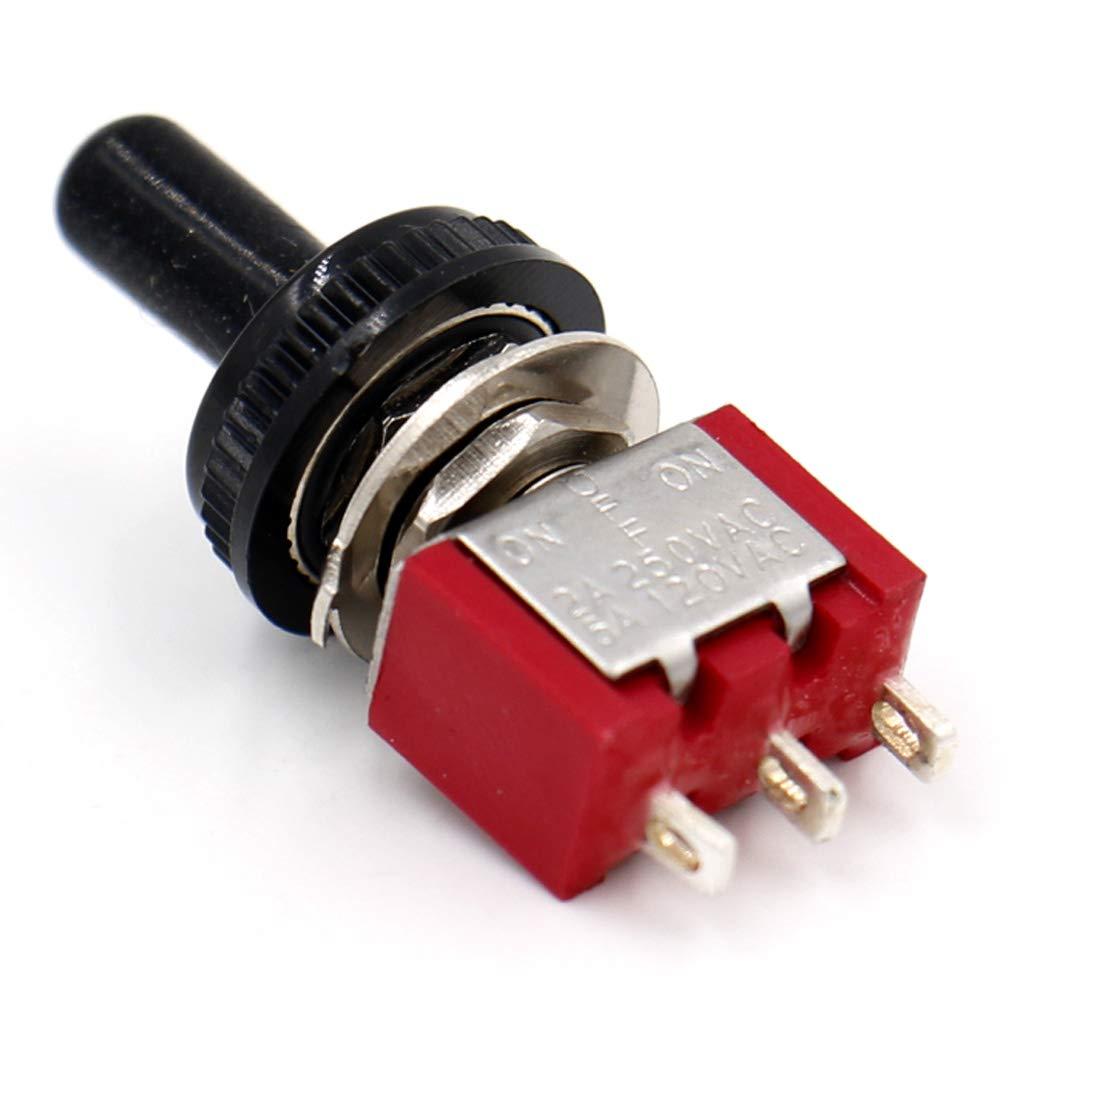 Heschen mini momentaneo interruttore a levetta mts-123, on SPDT -off- Ur elencati con copertura impermeabile 2/A 250/V 5/A 120/V on 3/pin confezione da 5